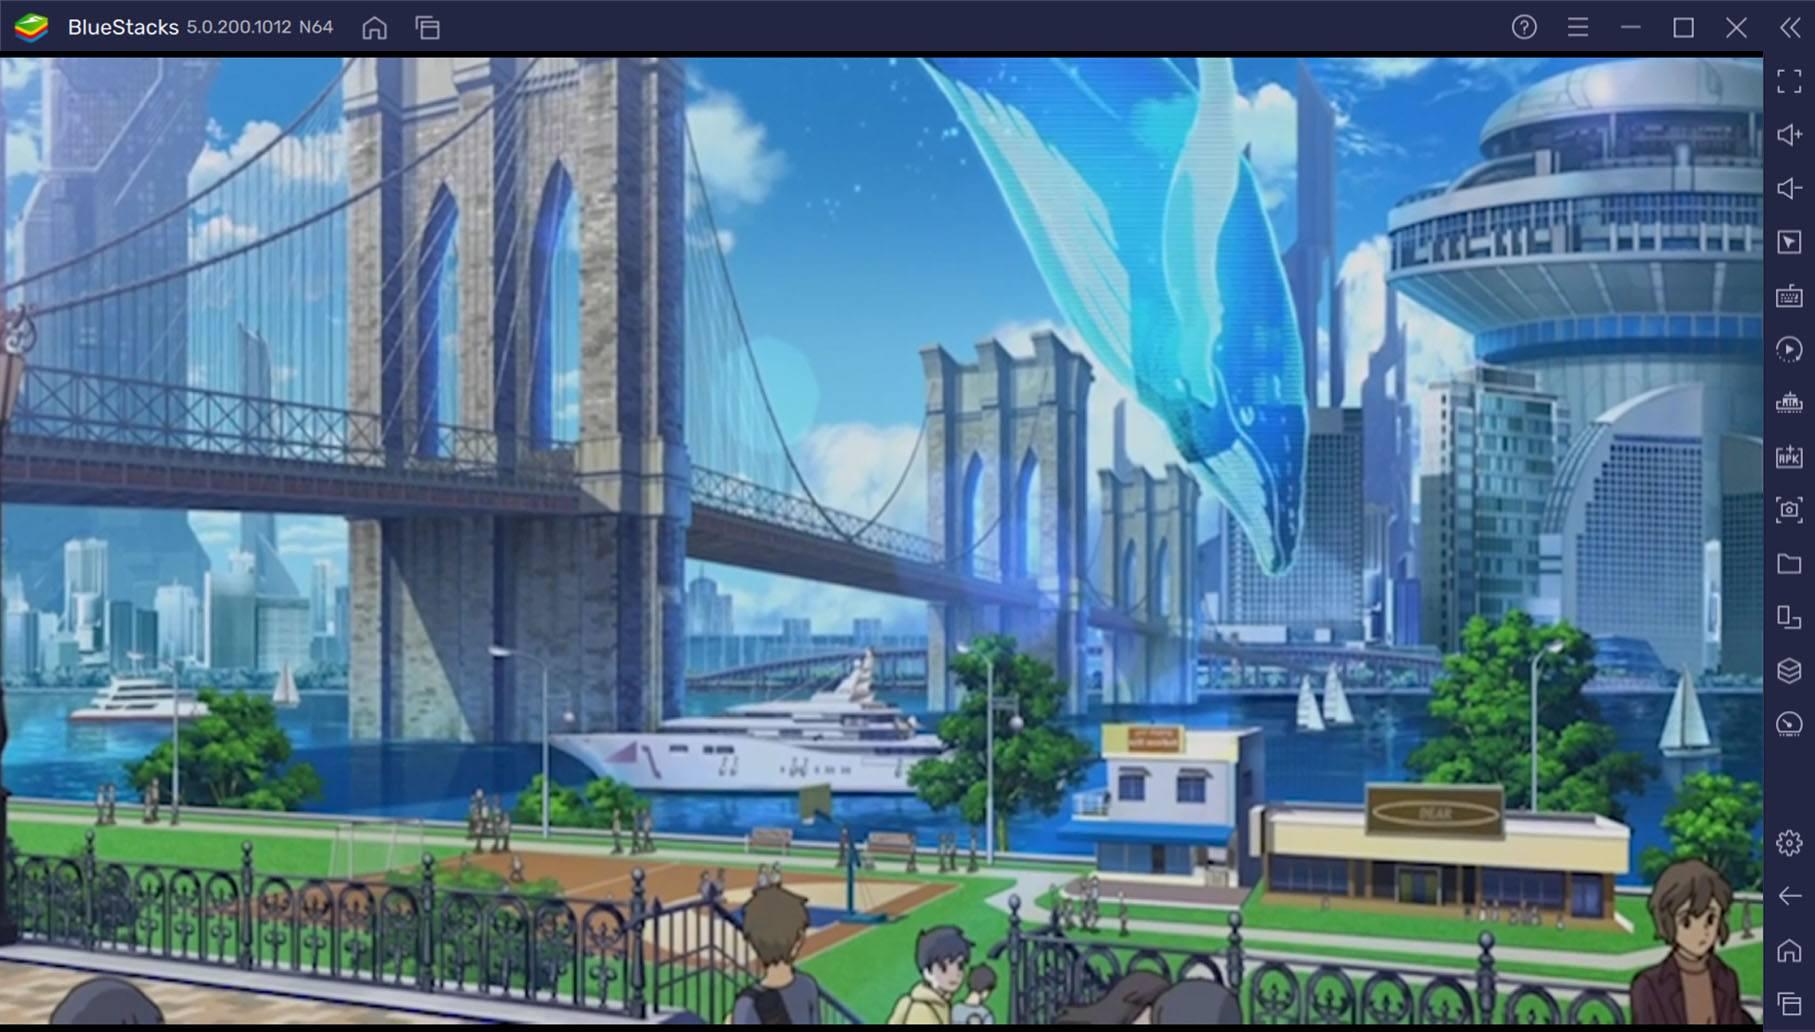 如何用BlueStacks在PC上玩手機遊戲《二之國:交錯世界》